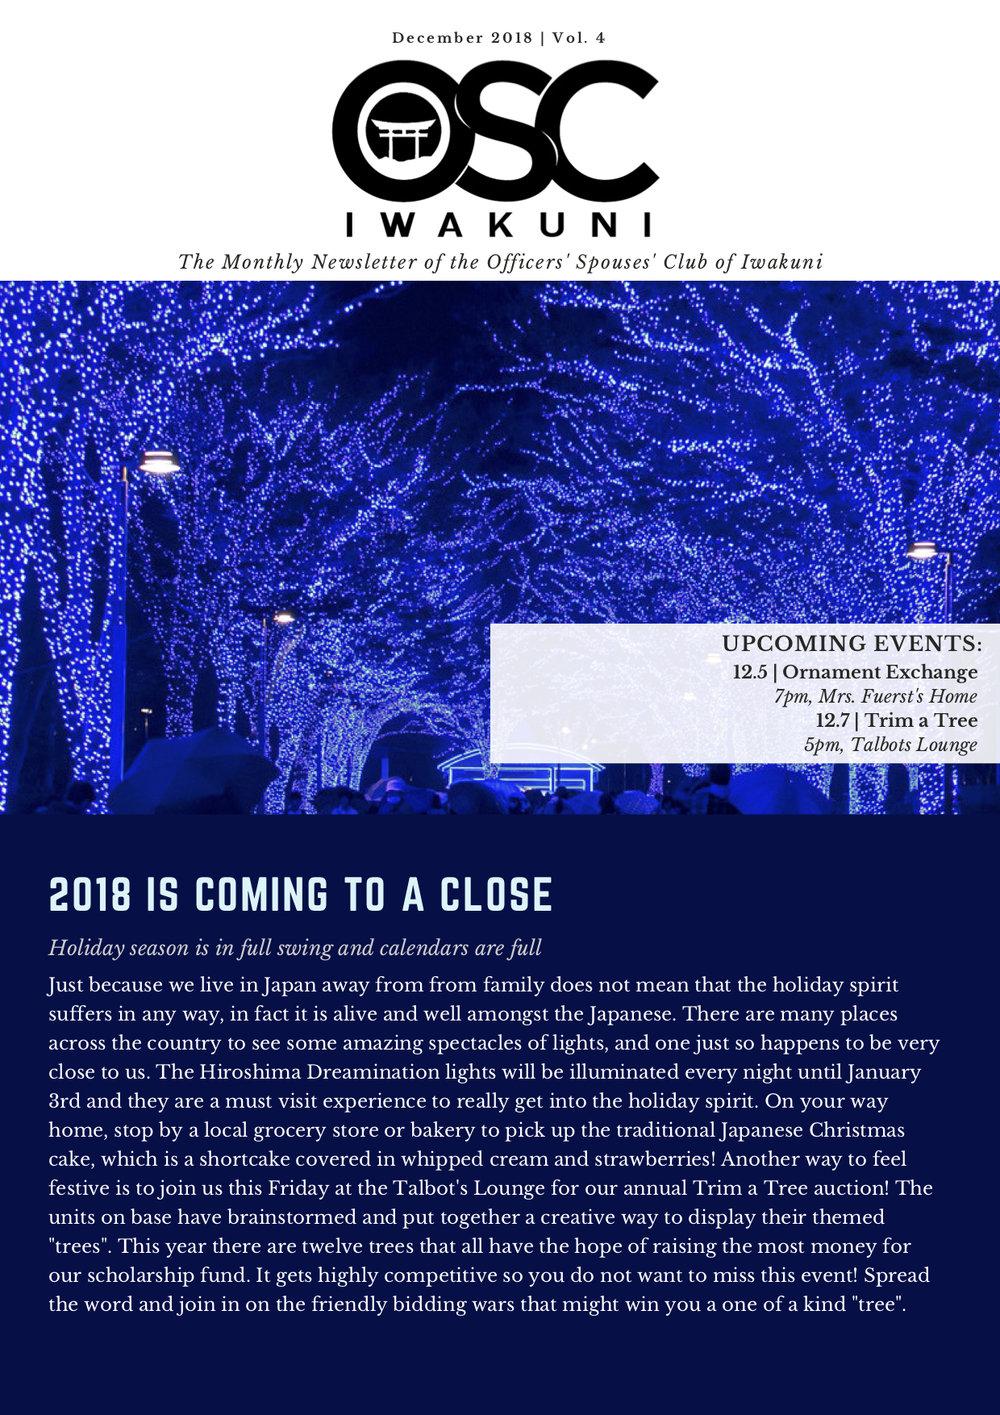 December 2018 _ Vol. 4 pg 1.jpg